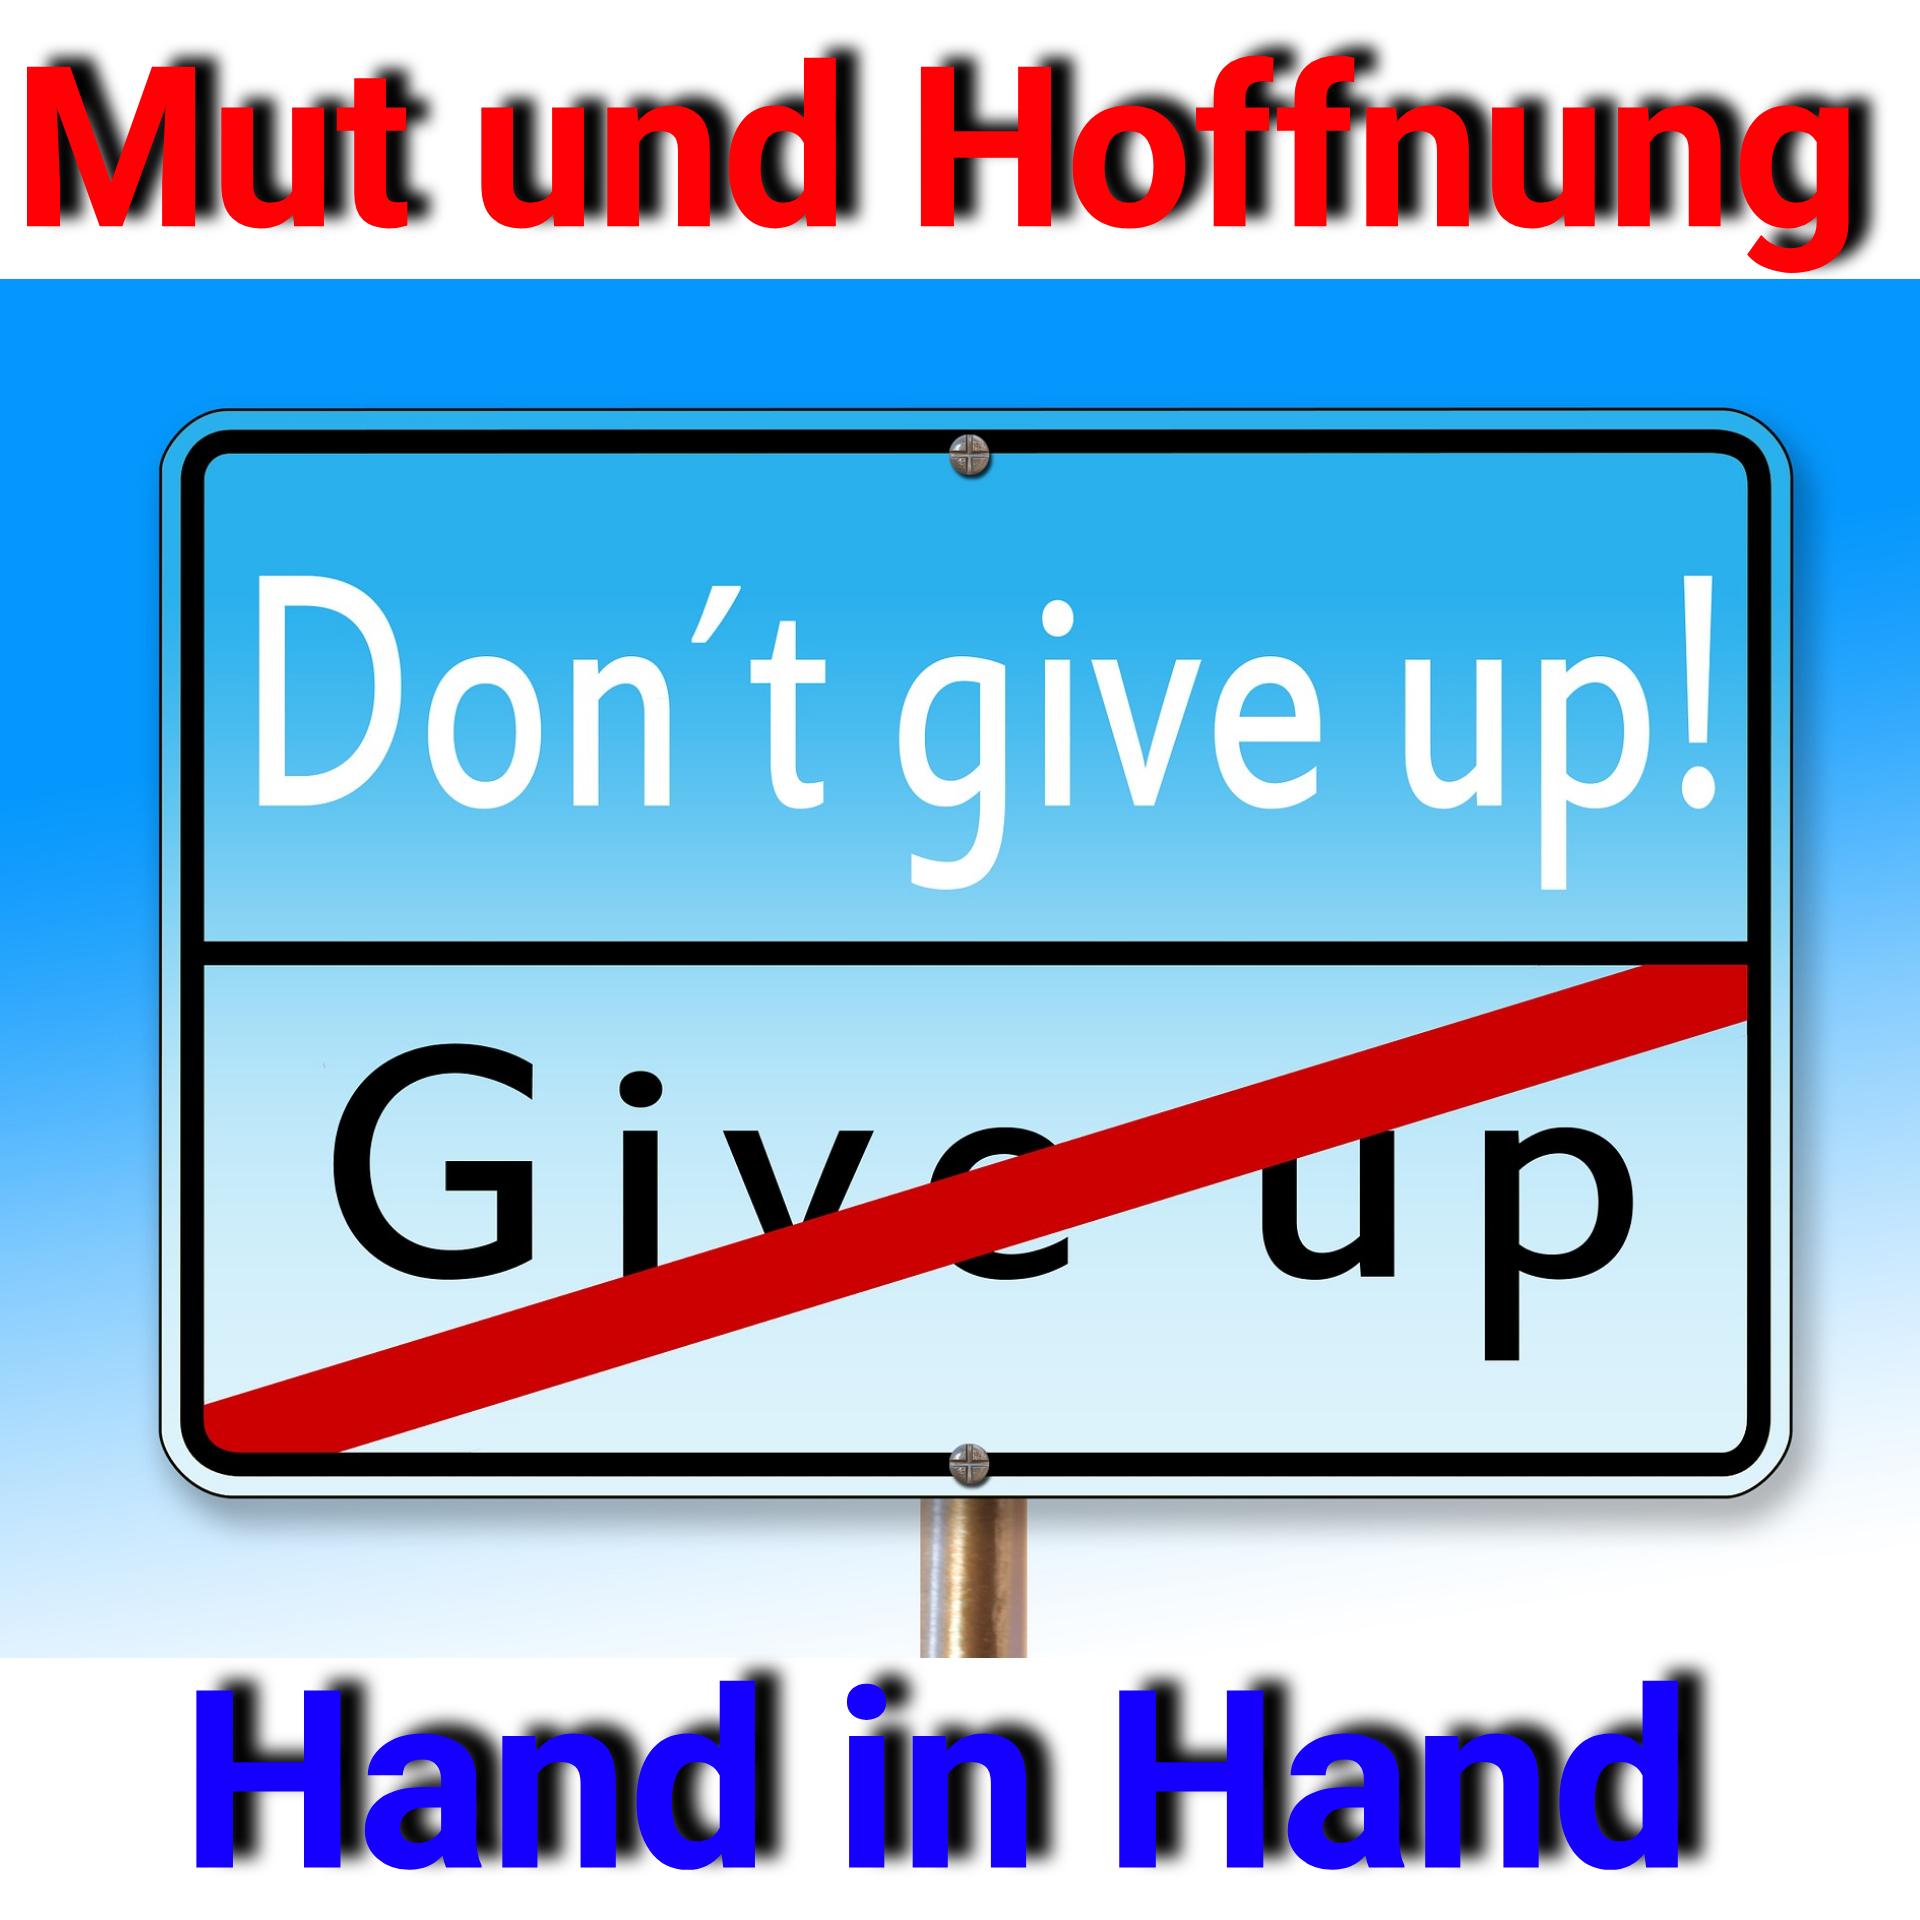 Mut und Hoffnung - Hand in Hand | FrAntUm